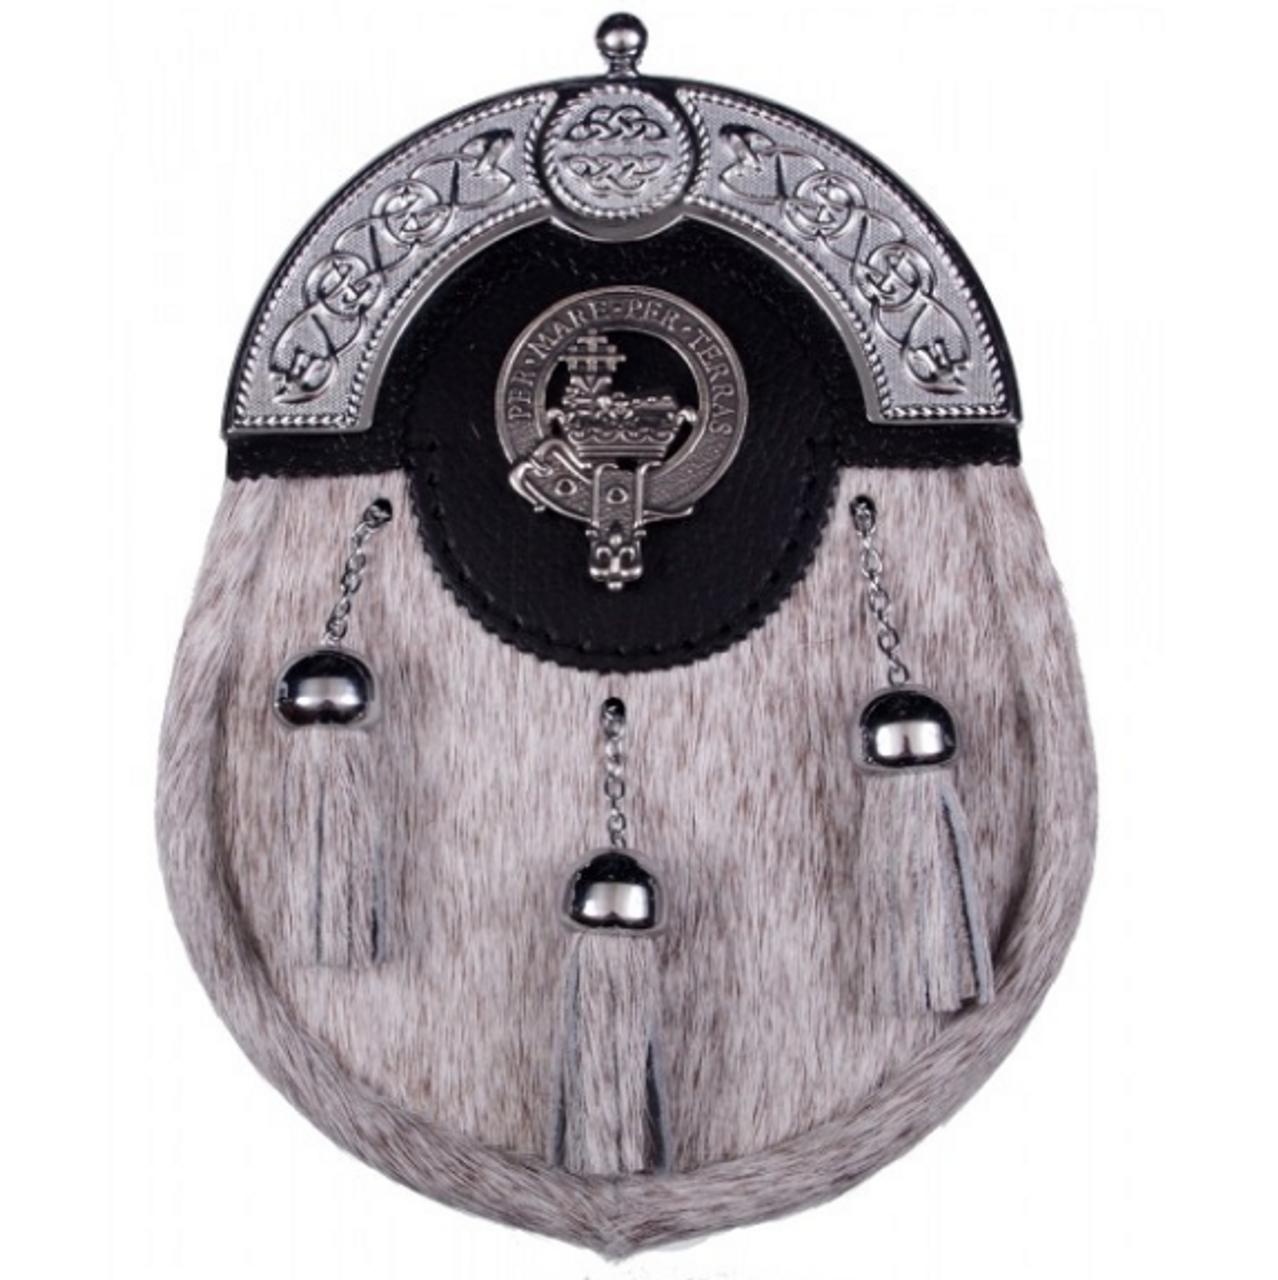 Tweedie Scottish Clan Crest Badge Dress Fur Sporran